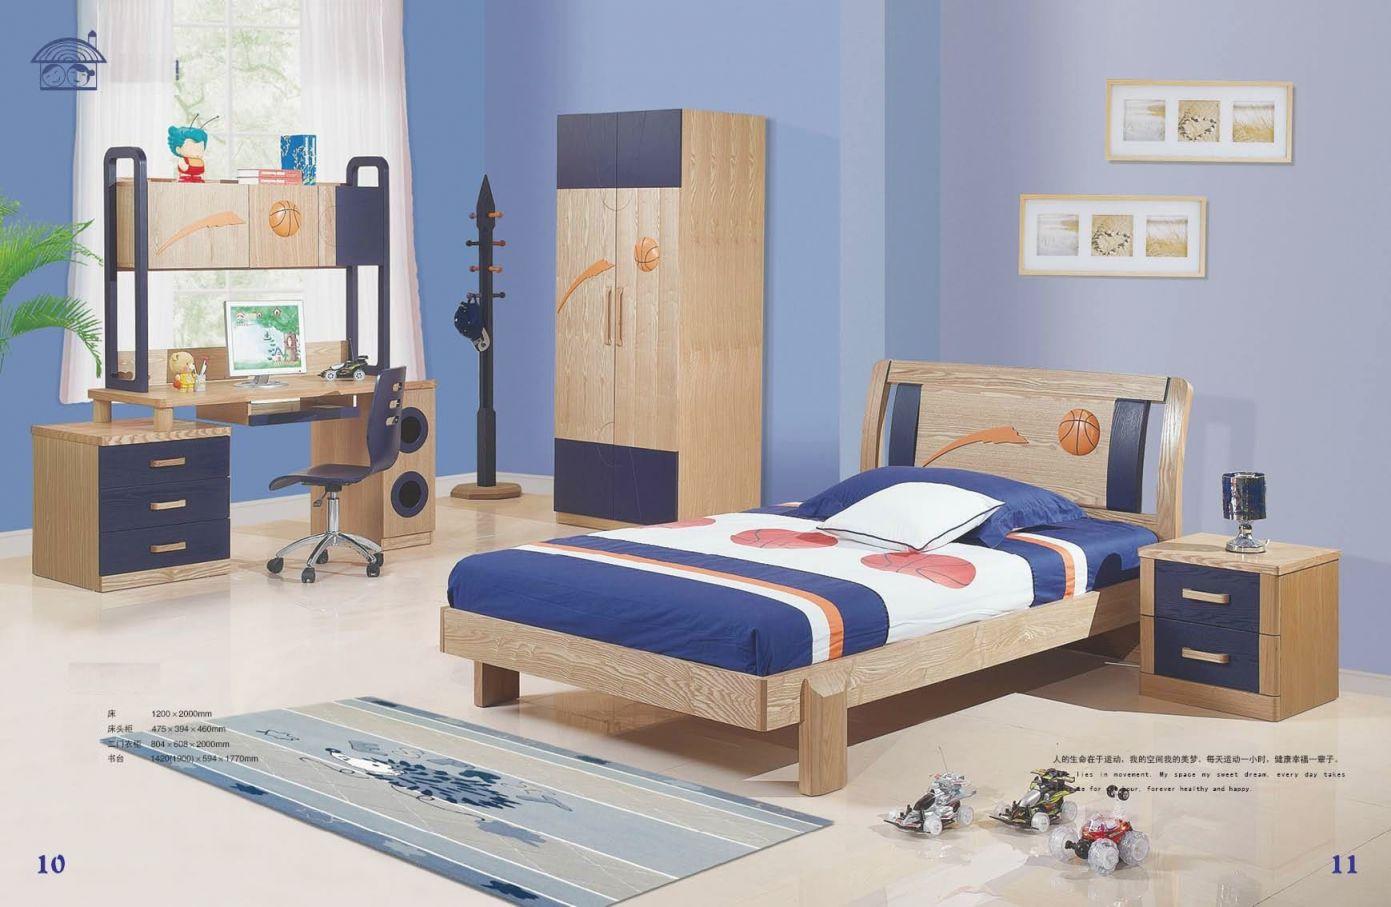 Youth Bedroom Furniture | Kids Bedroom Set (Jkd-20120 with Lovely Boys Bedroom Furniture Sets